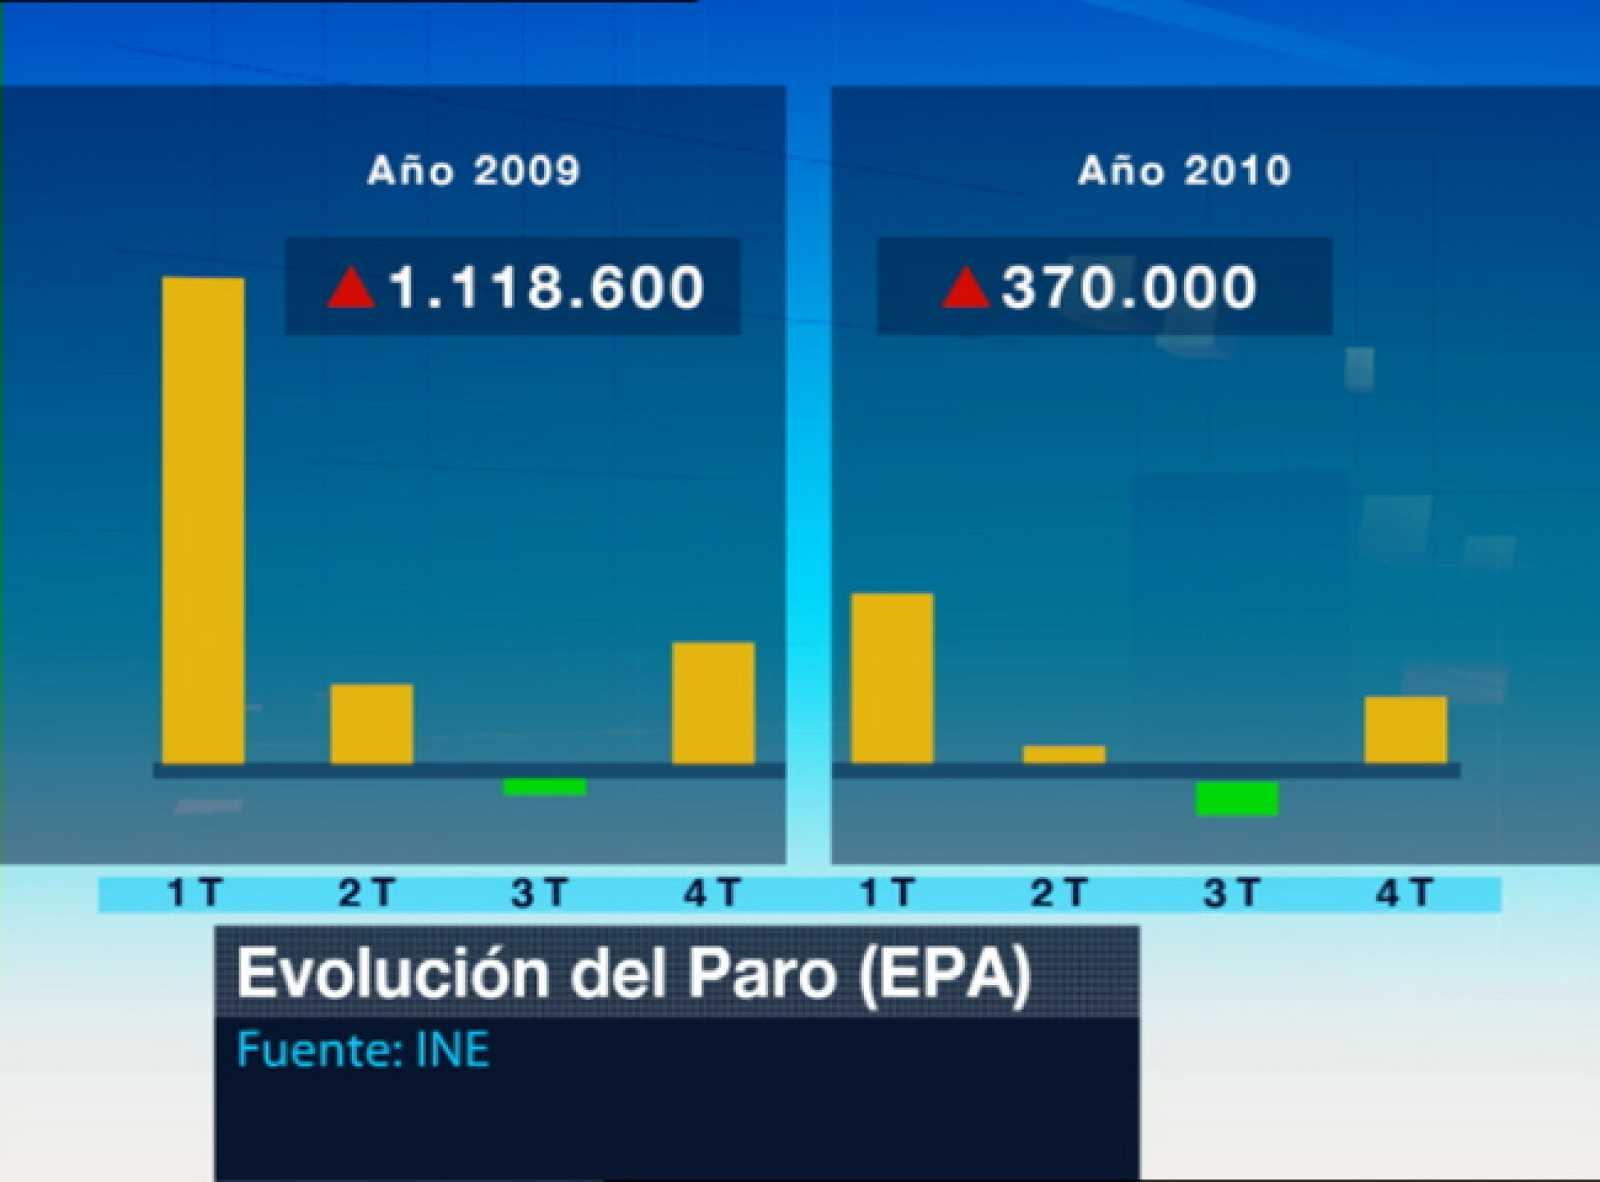 En el último trimestre de 2010 el número de parados volvió a subir según la Encuesta de Población Activa